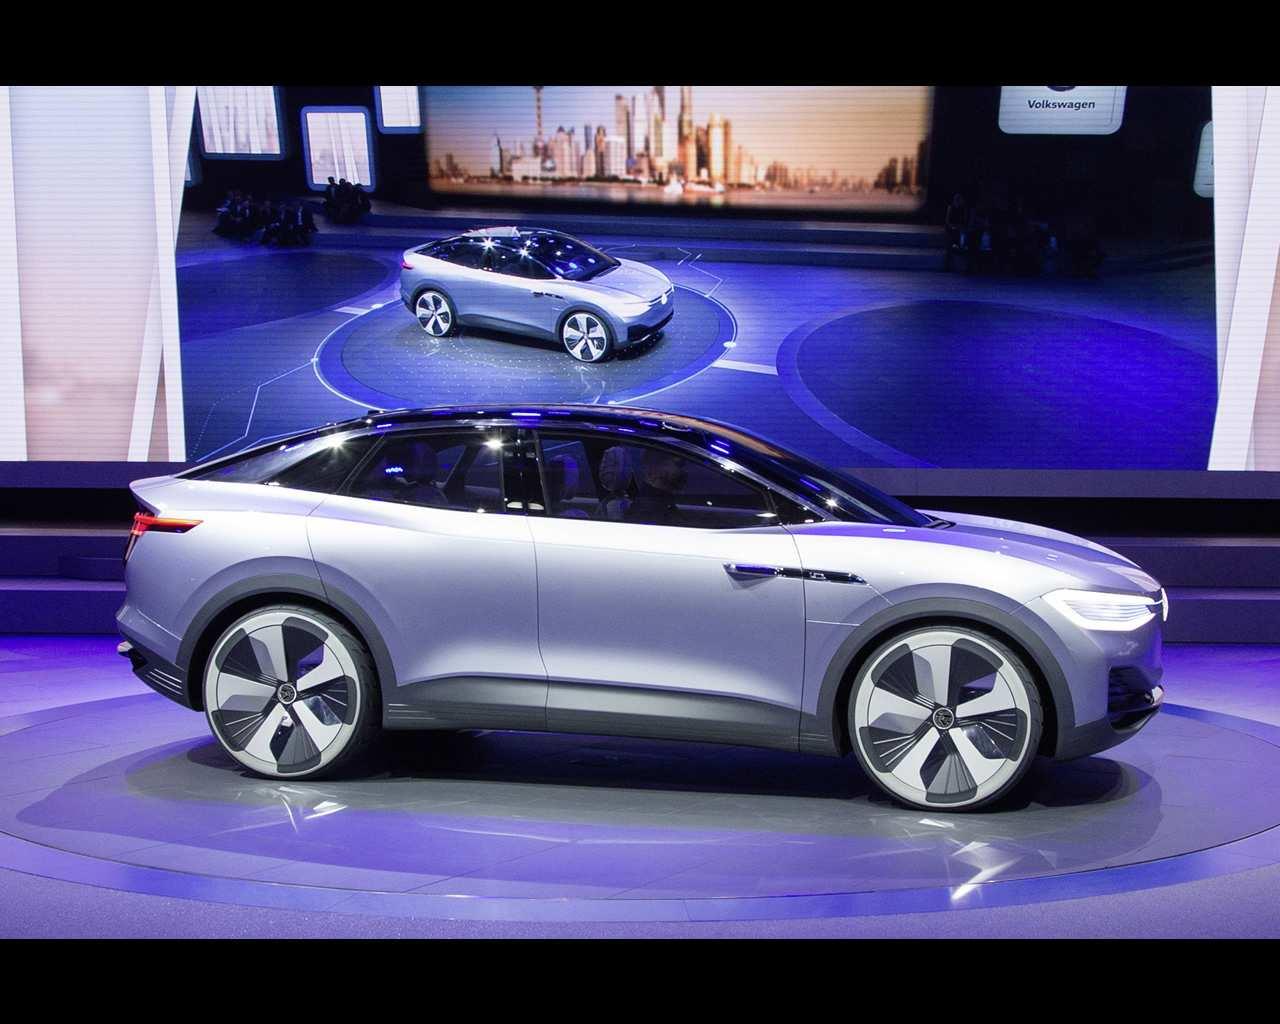 57 Great Volkswagen 2020 Concept Release for Volkswagen 2020 Concept